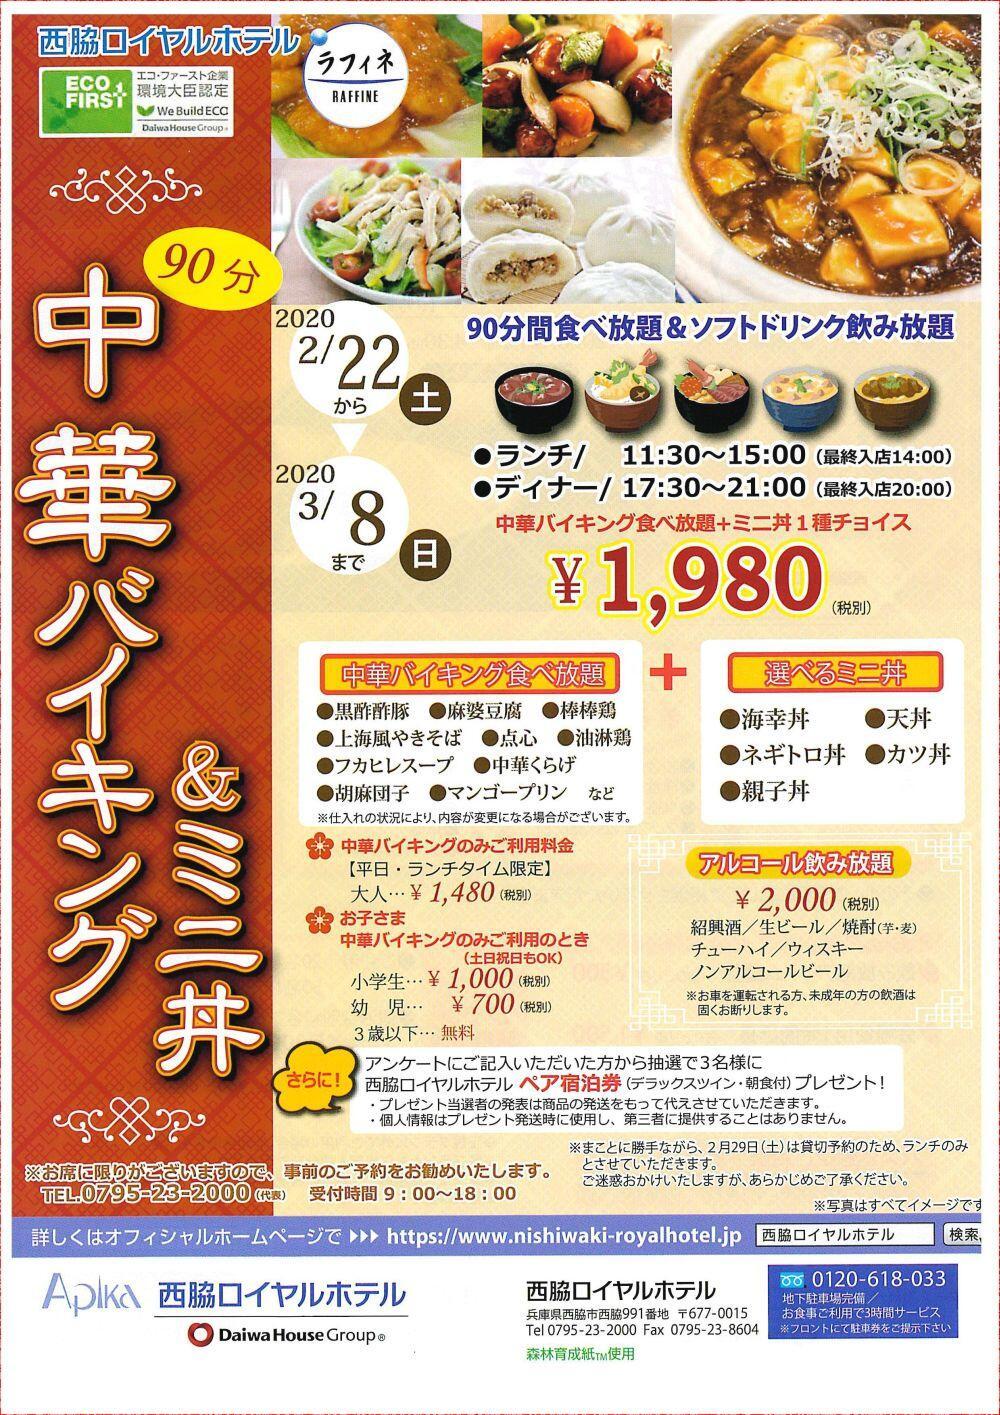 2/22~3/8 中華バイキング&ミニ丼:西脇ロイヤルホテル